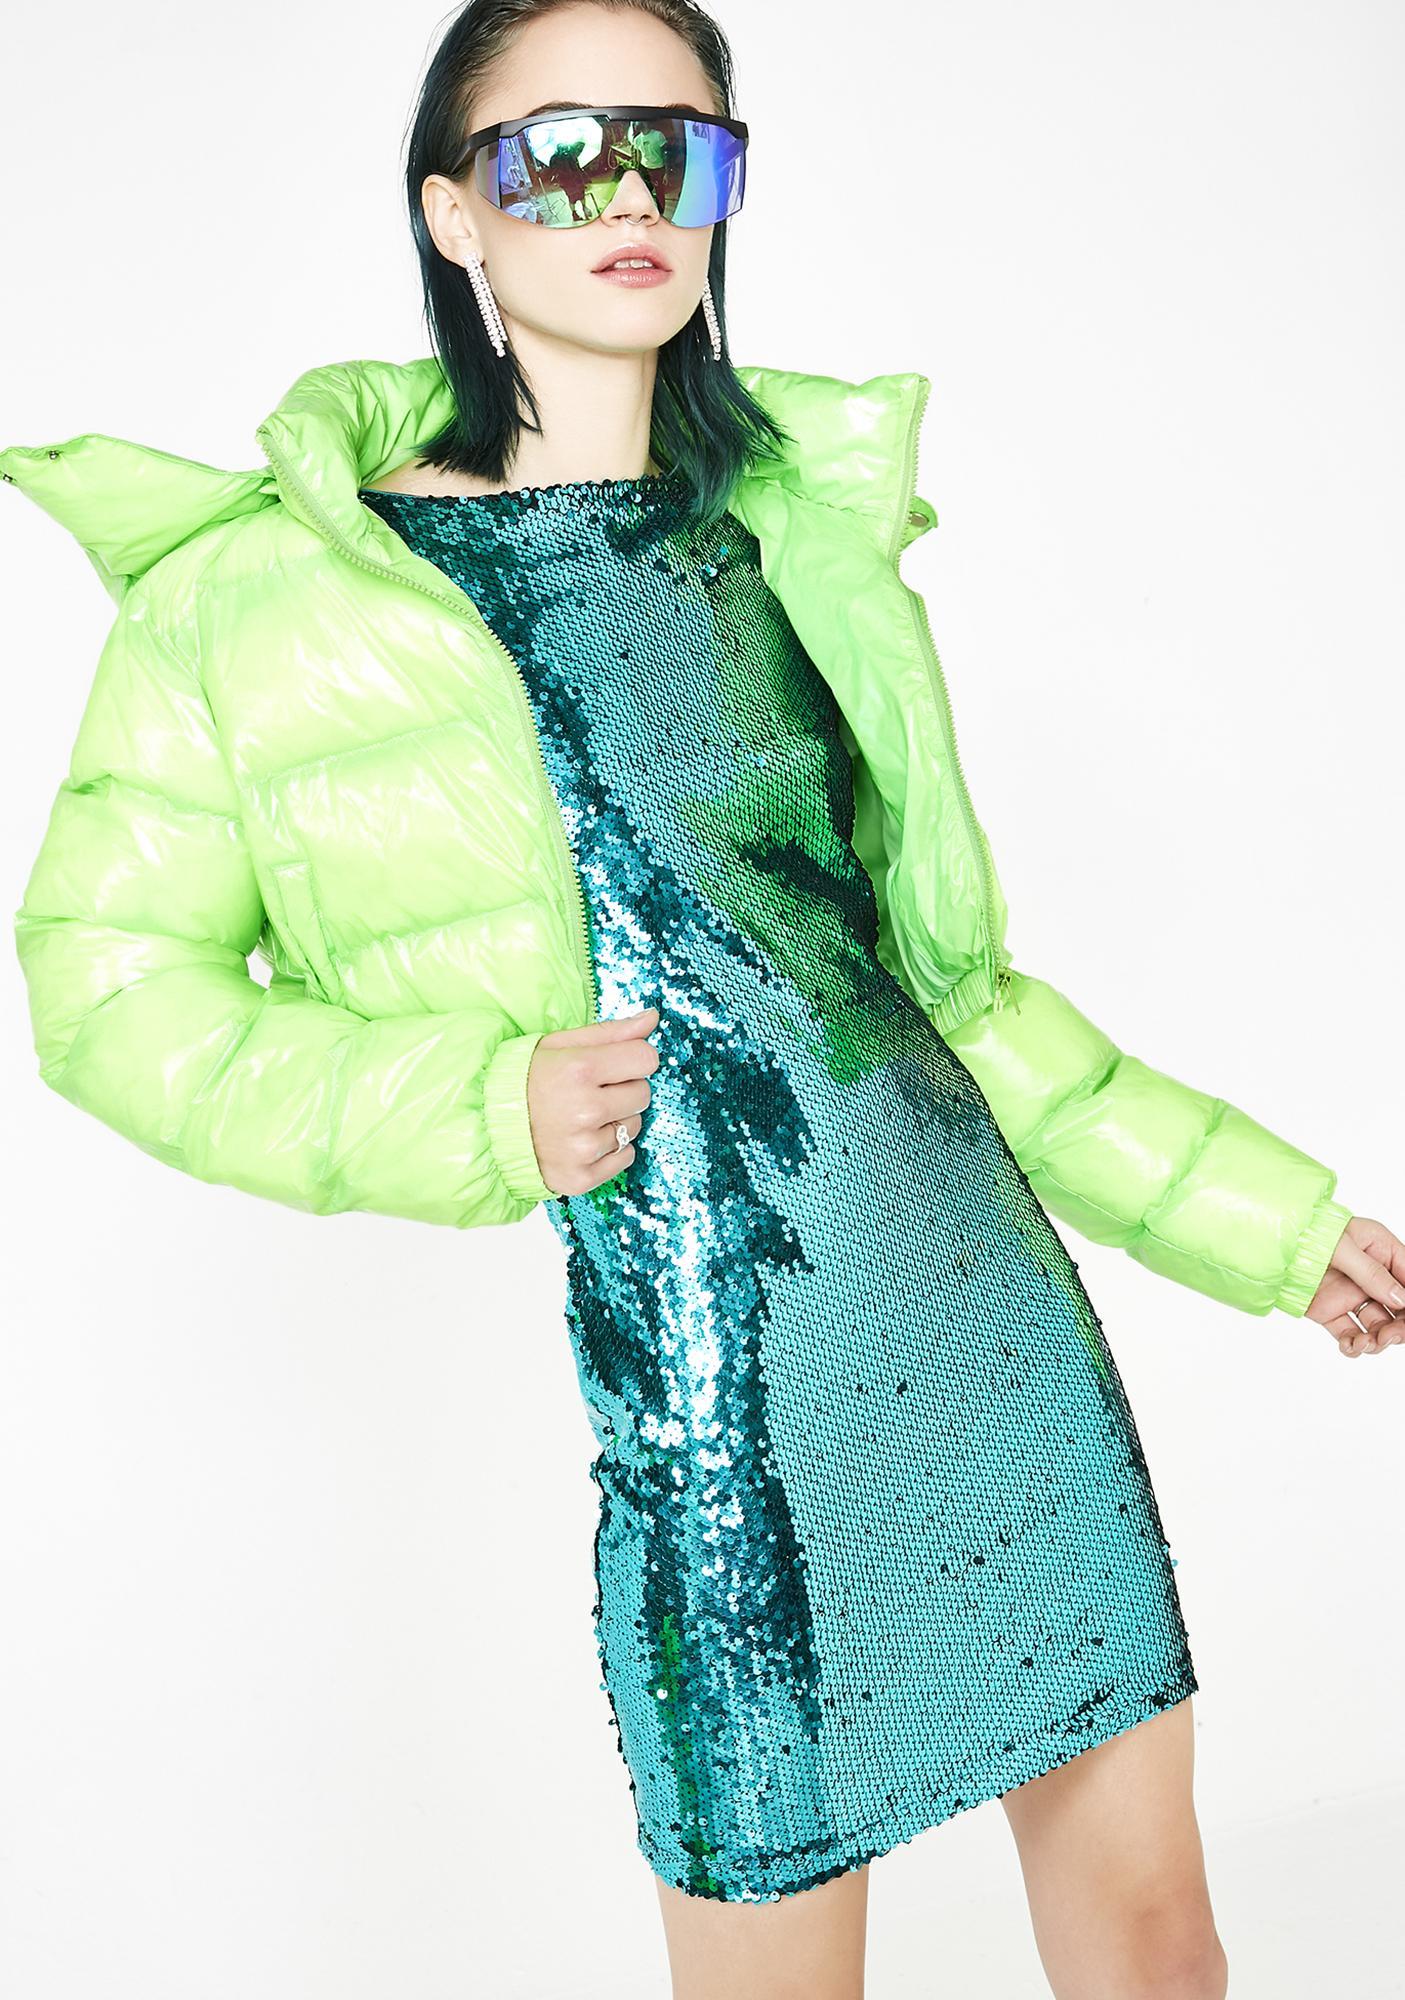 Glamorous Glamorous Bliss Sequin Dress